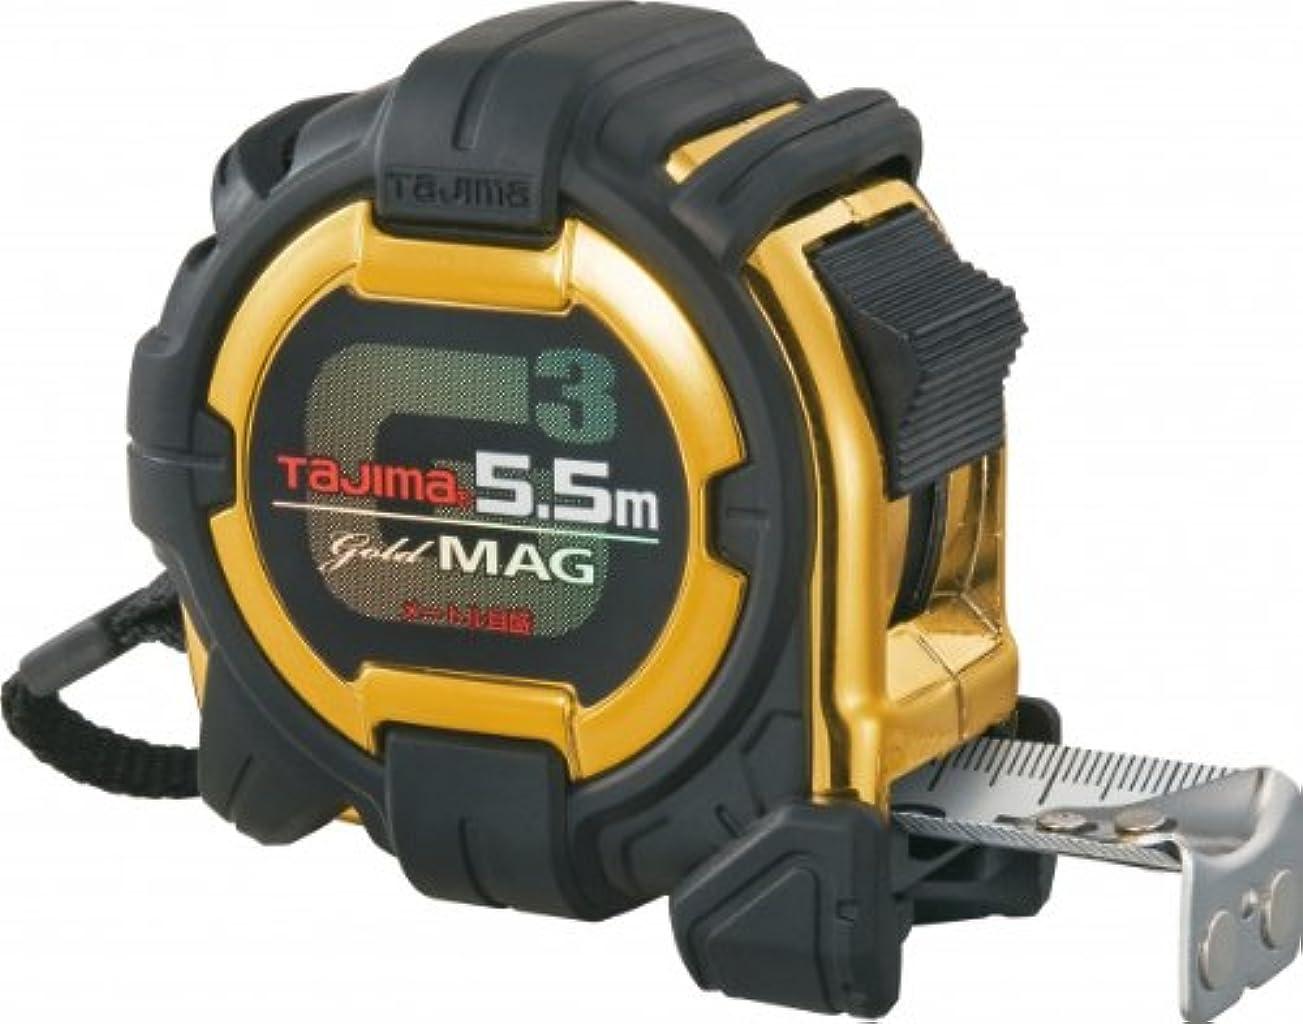 不忠受け入れた毎日タジマ G3ゴールドロック マグ爪-25 5.5m 25mm幅 メートル目盛 G3GLM25-55BL